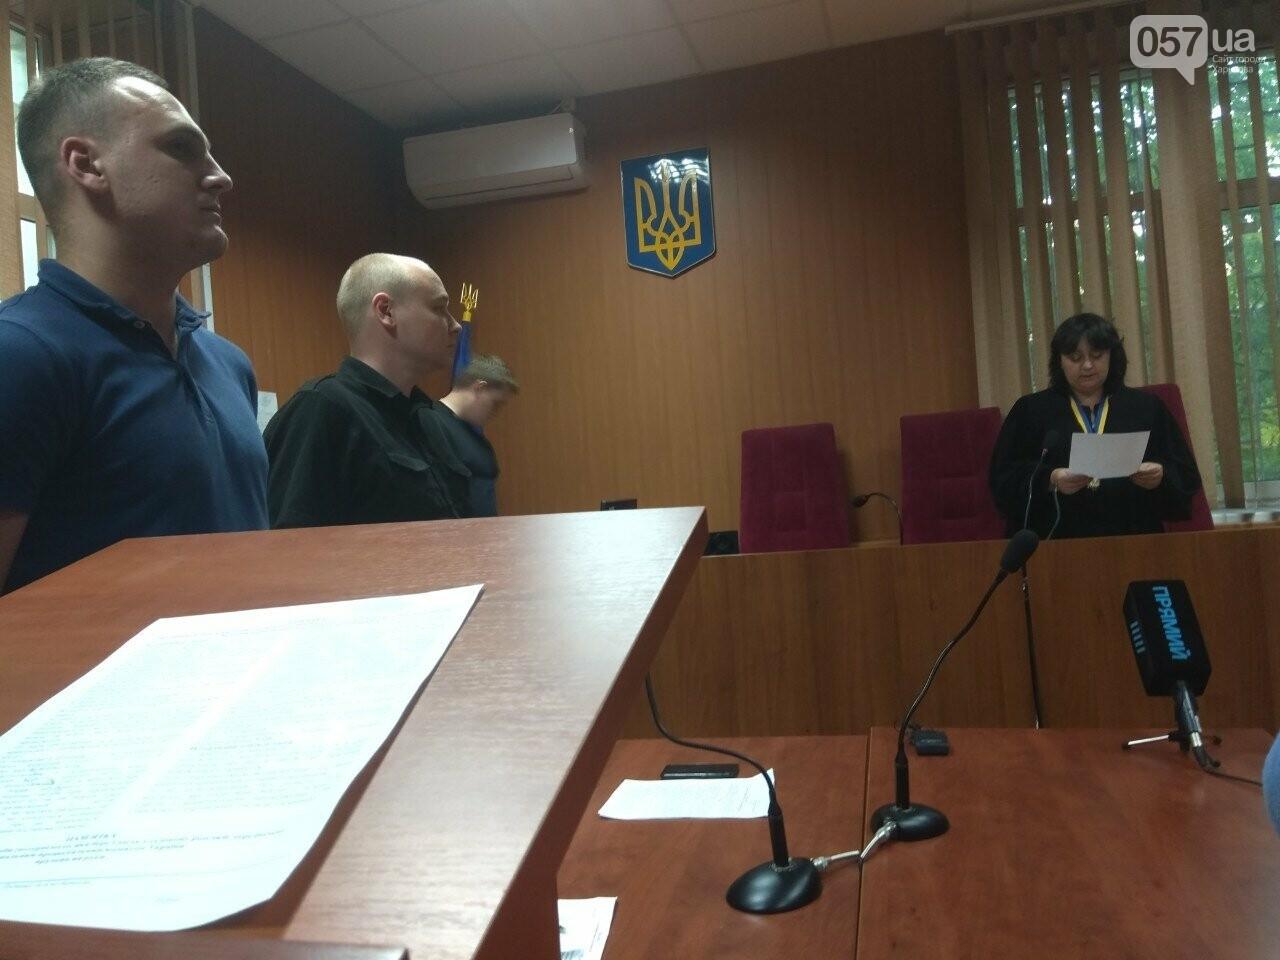 В Харькове избрали меру пресечения подозреваемому в изнасиловании школьницы, - ФОТО, фото-1